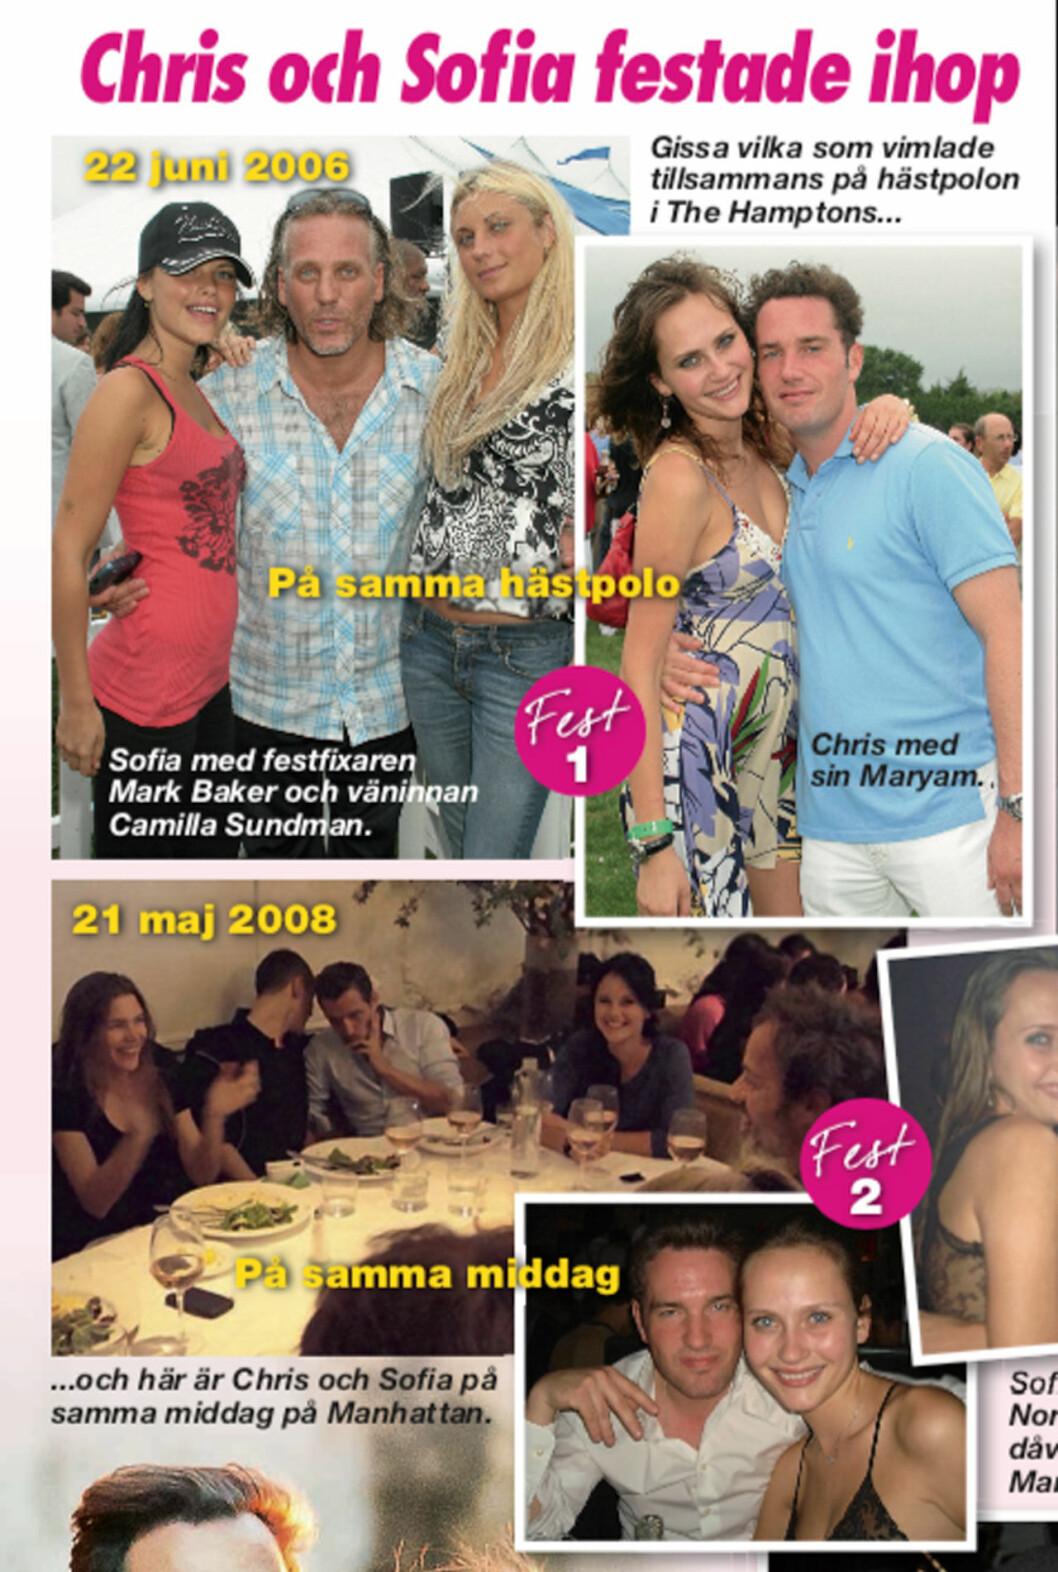 Bilderna på Chris O'Neill och Sofia Hellqvist när de festade tillsammans i New York 2006 och 2008.